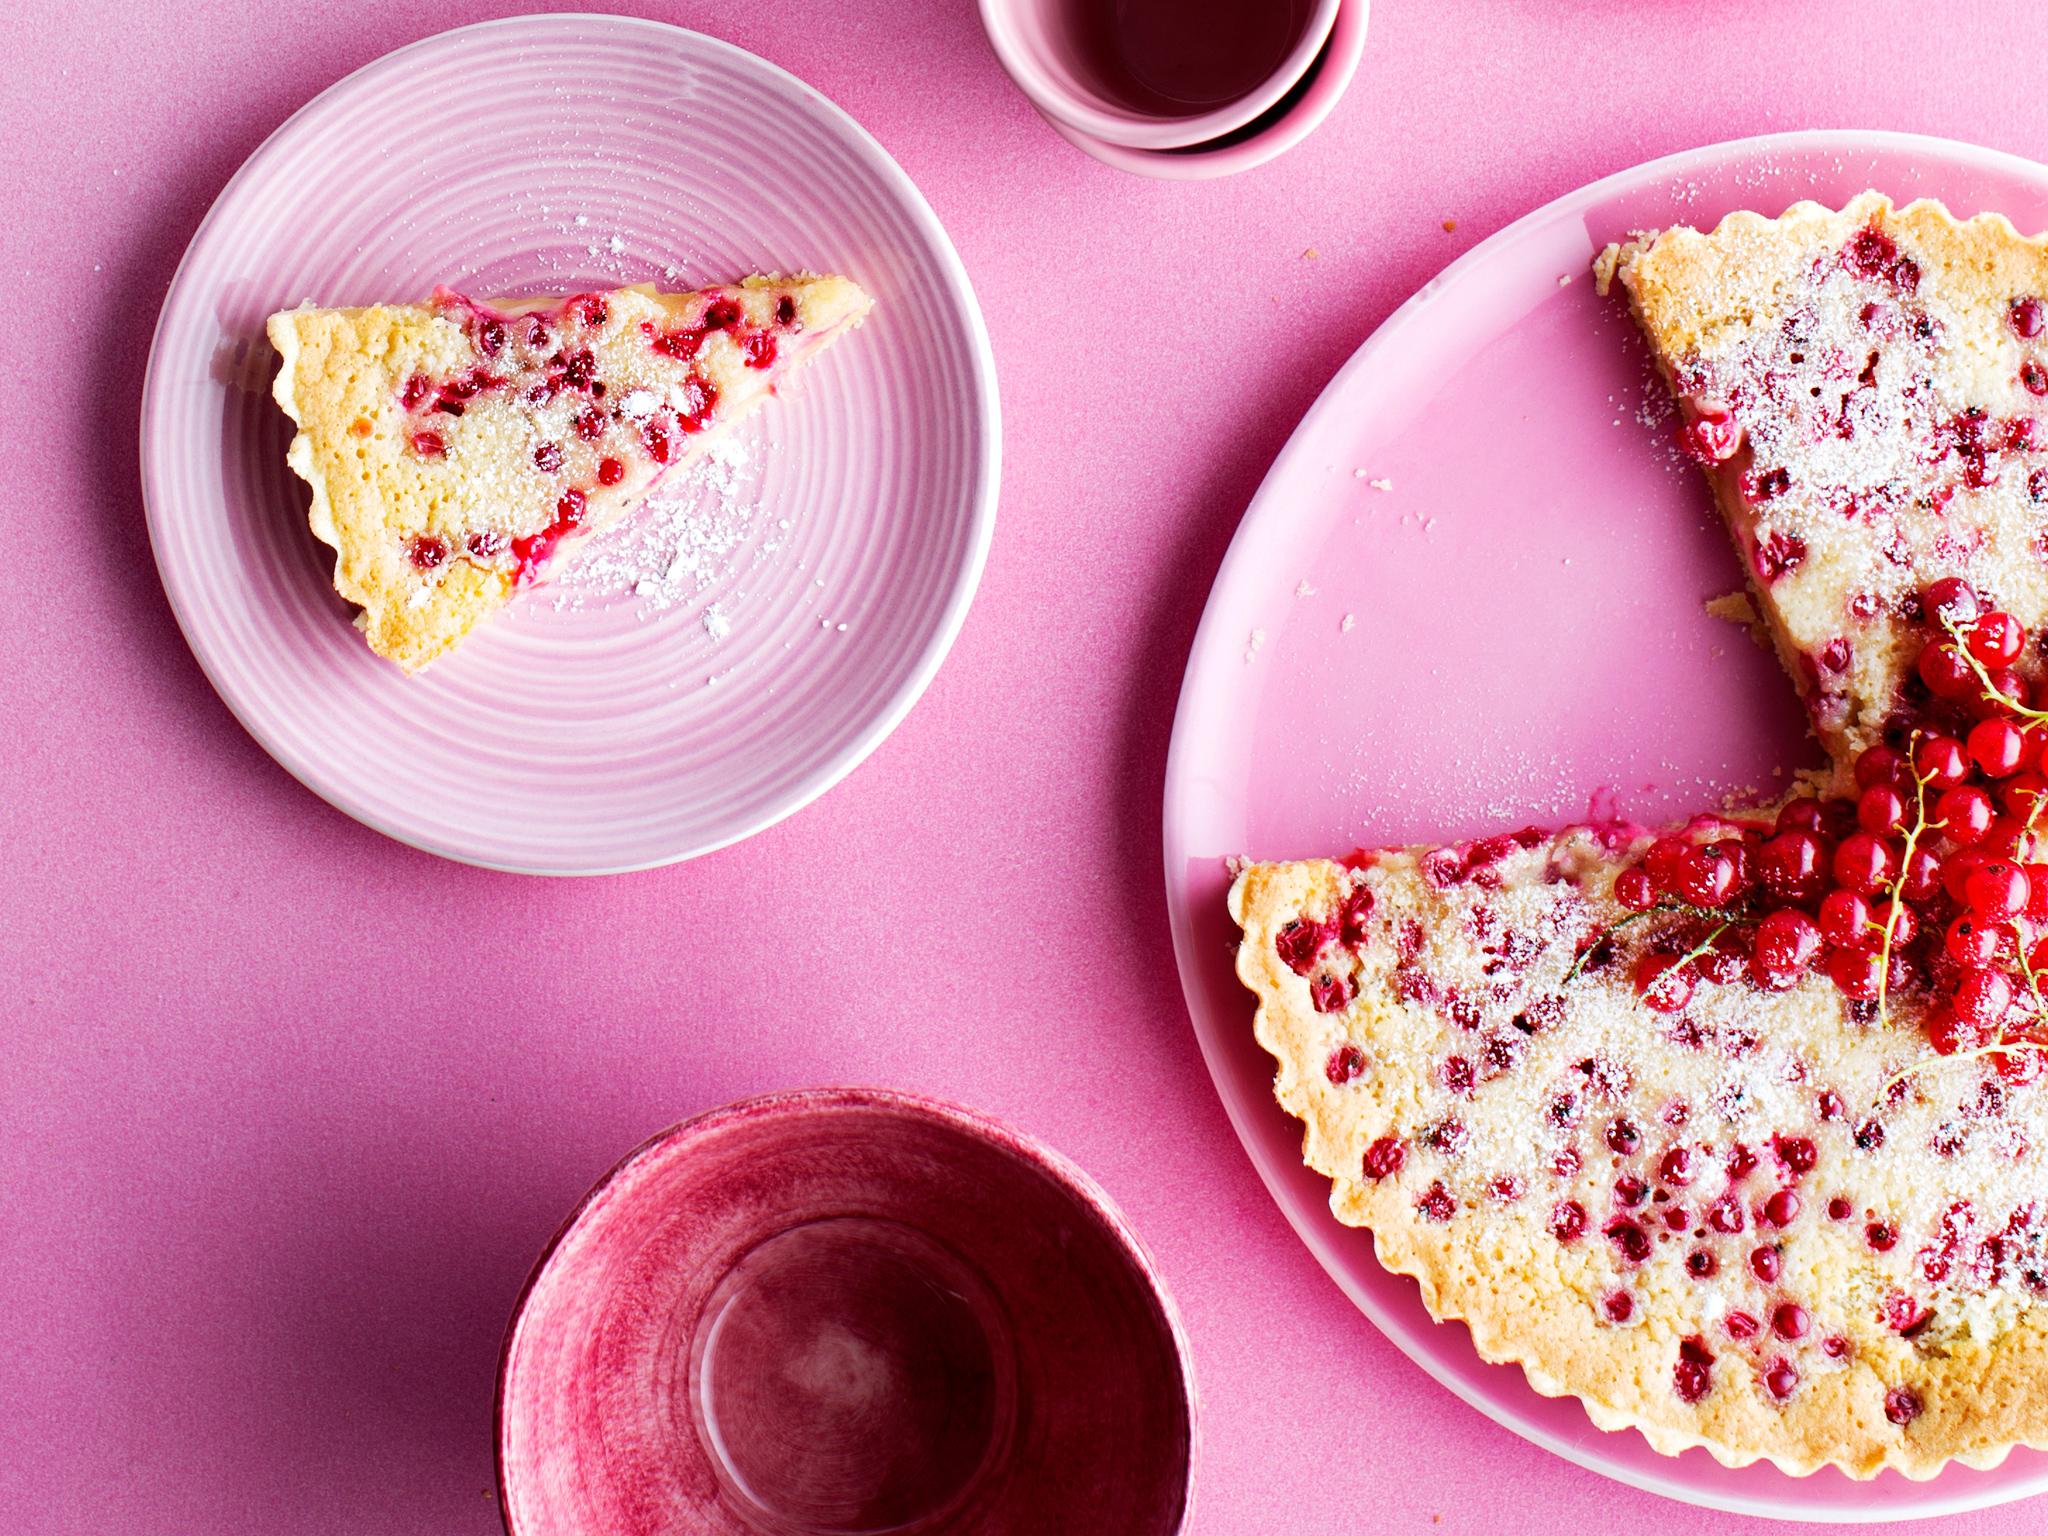 Kuva - Punaherukka sopii leivontaan, juomiin ja jälkiruokiin – 9 makeaa ohjetta